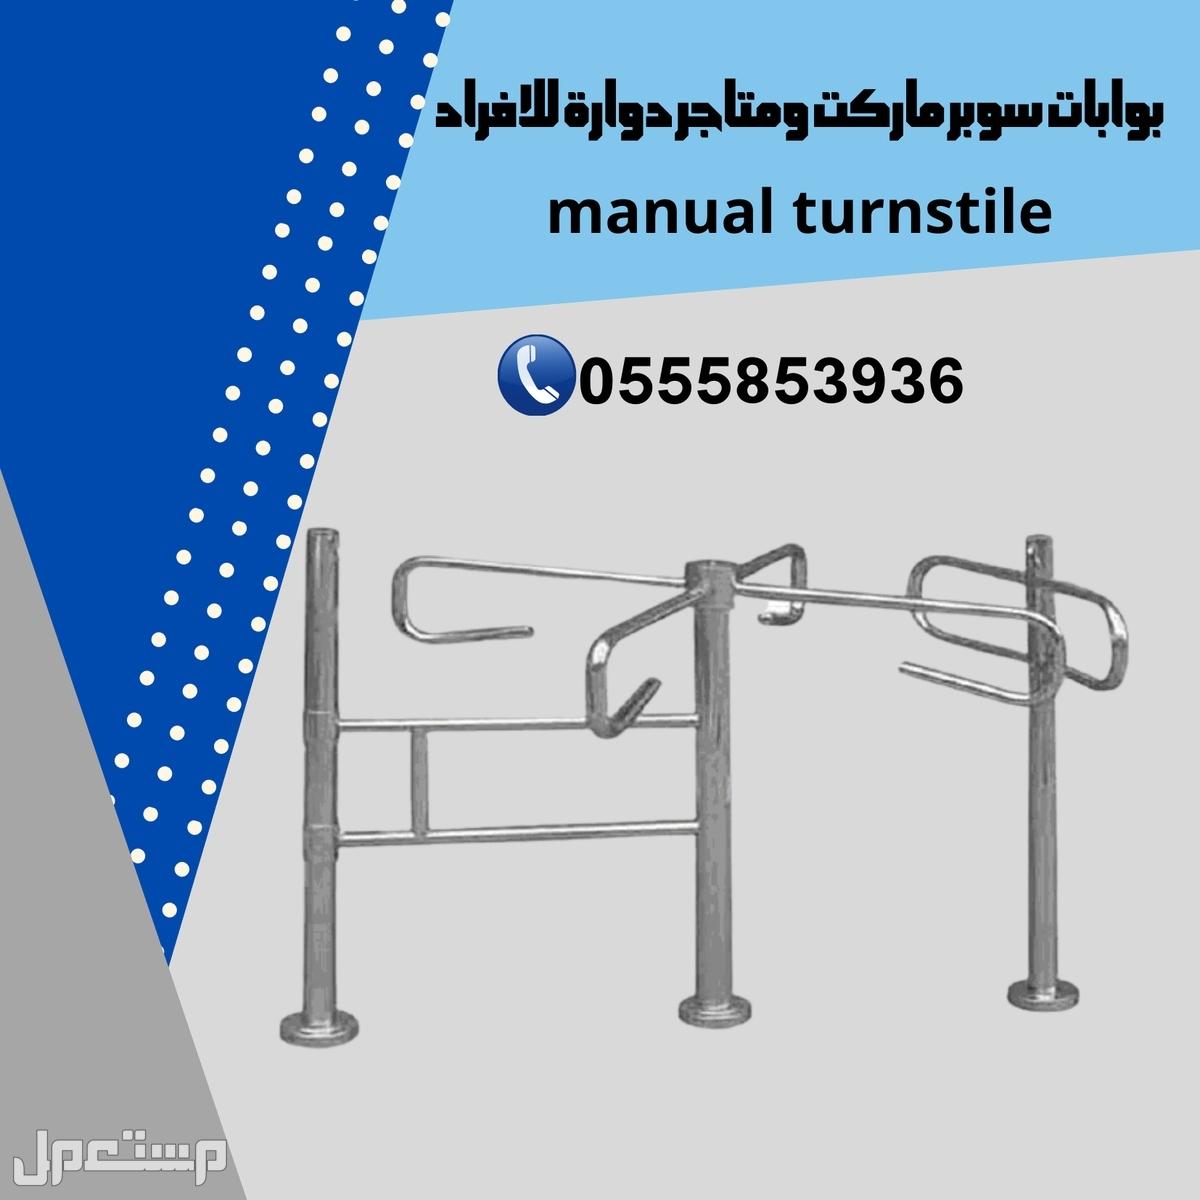 اسعار بوابة دخول السوبر ماركت مروحة turnstile manual